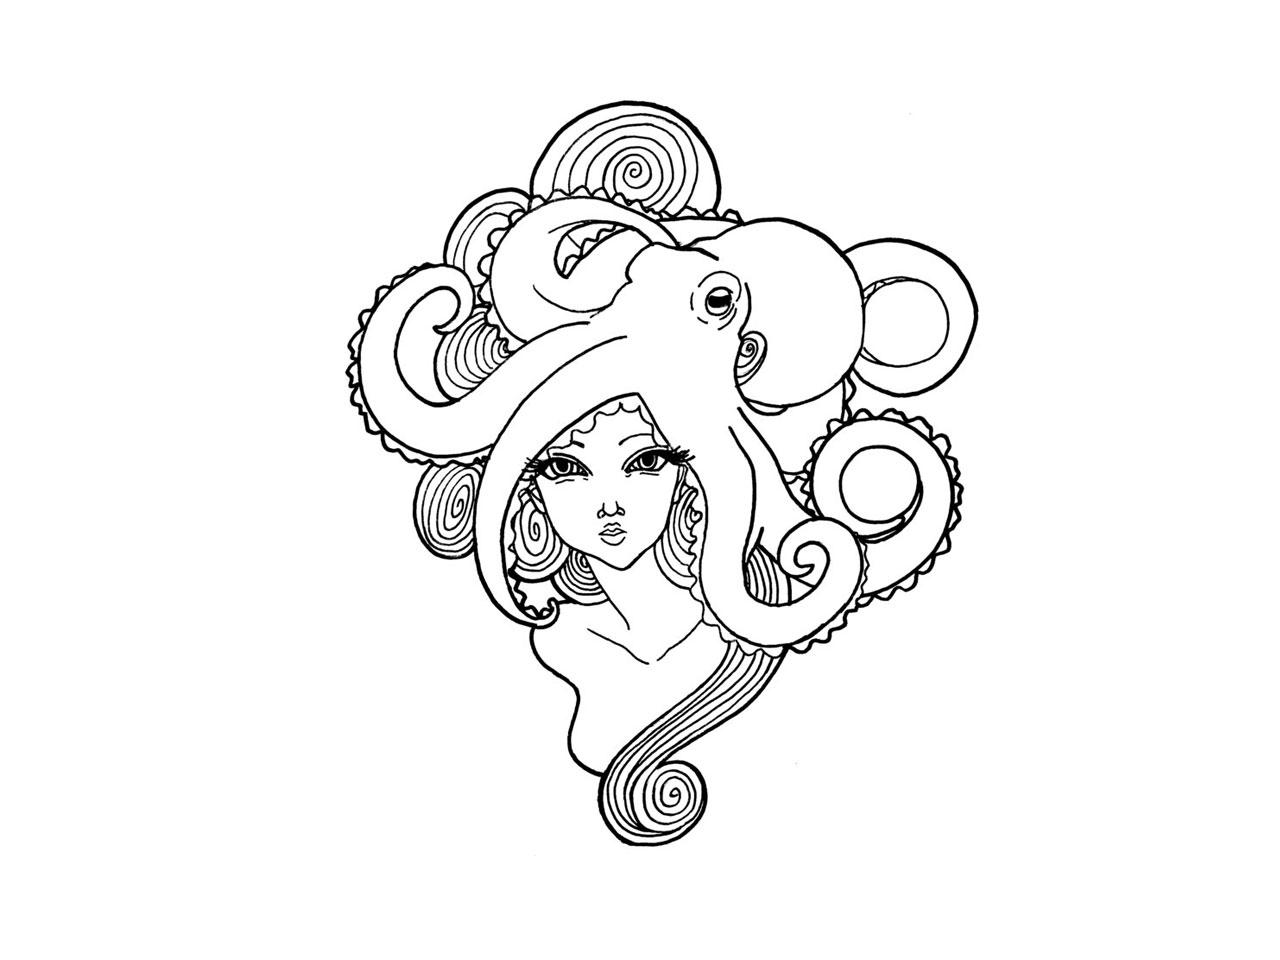 19 Octopus Tattoos Designs